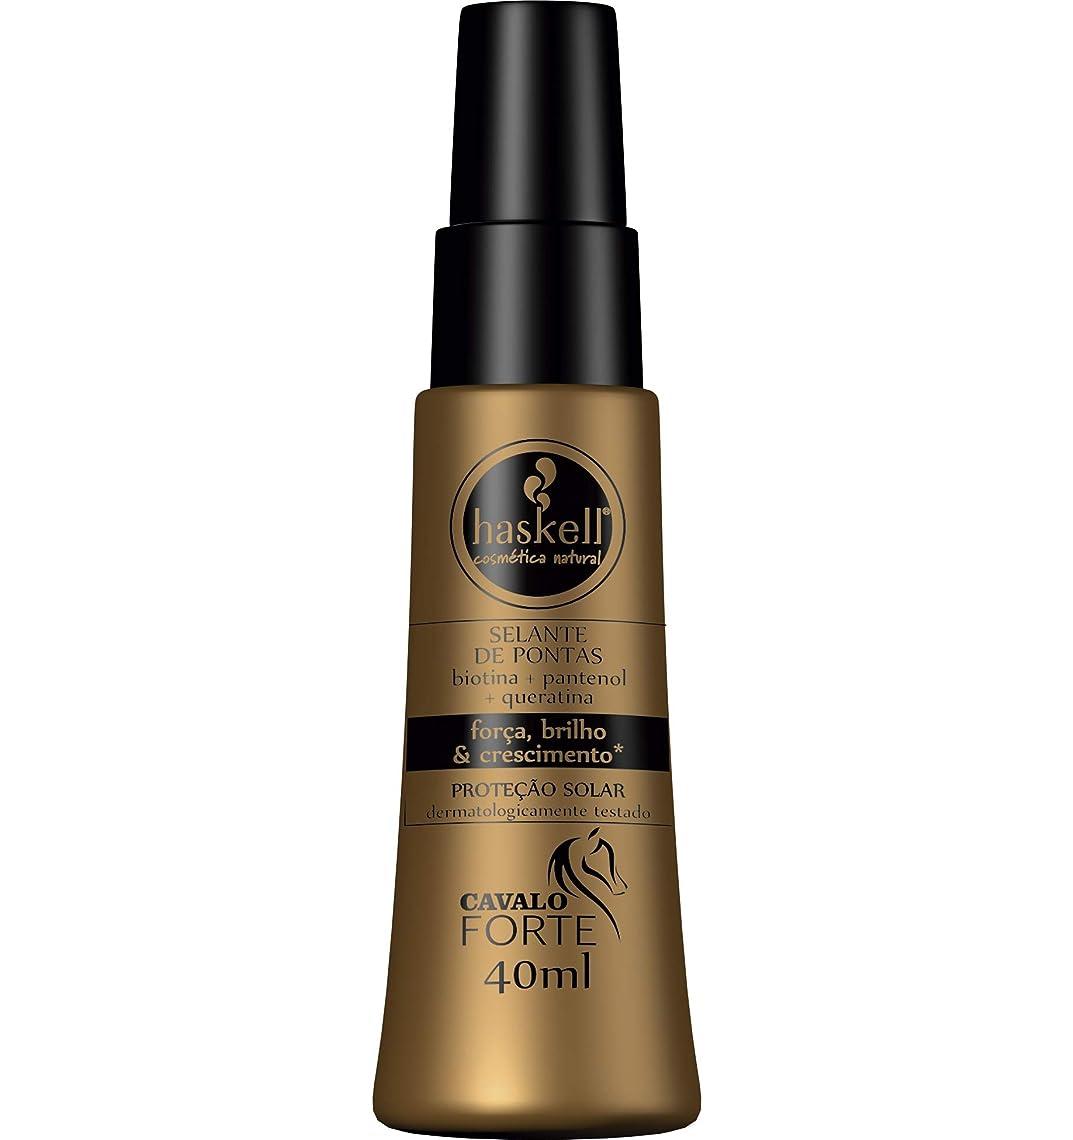 メリーマウス電化するHaskell Cavalo Forte Hair Serum 40ml [並行輸入品]